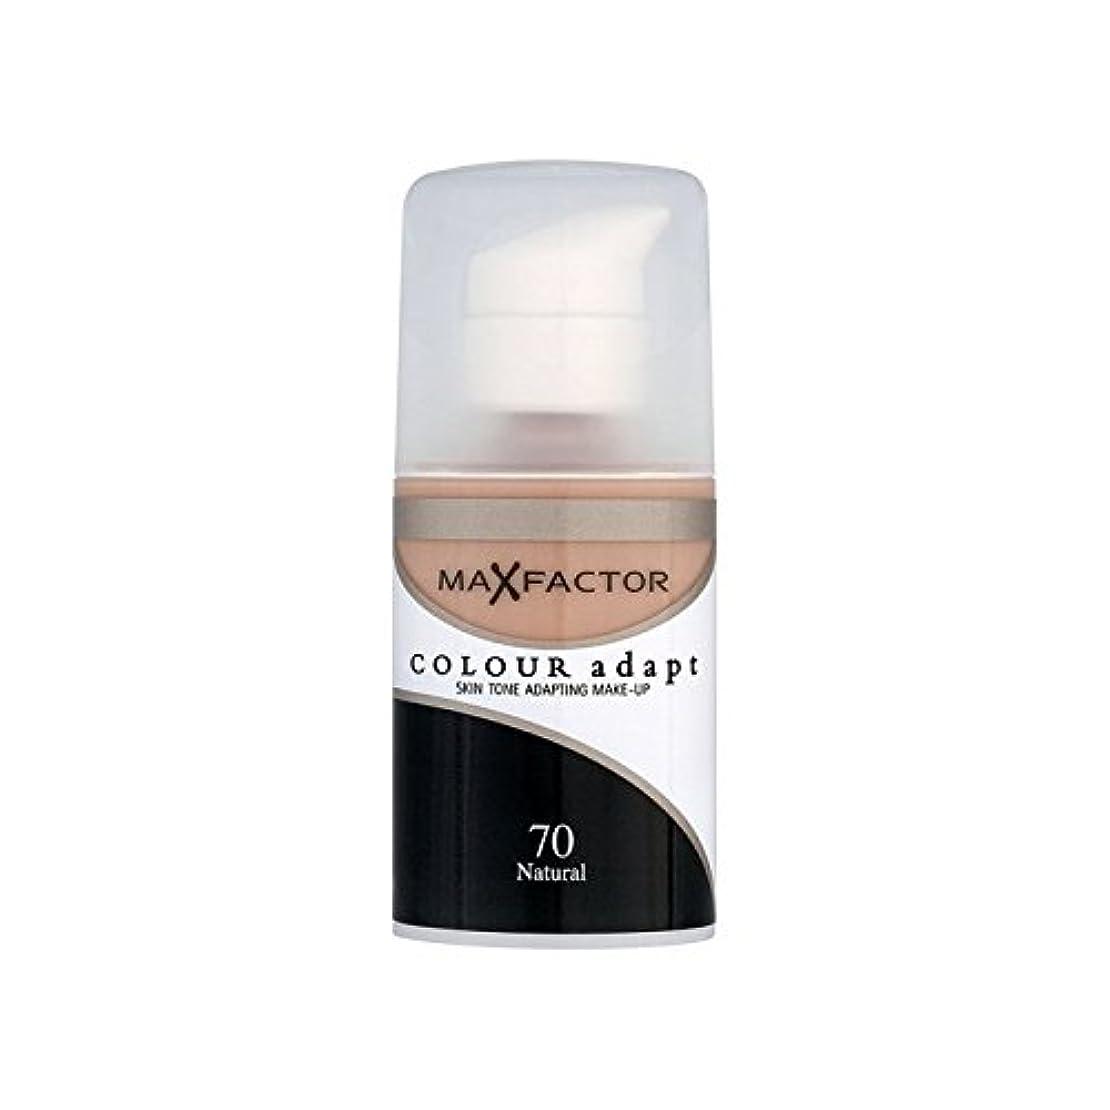 警告ギャングアヒルMax Factor Colour Adapt Foundation Natural 70 (Pack of 6) - マックスファクターの色は、基礎自然70を適応させます x6 [並行輸入品]